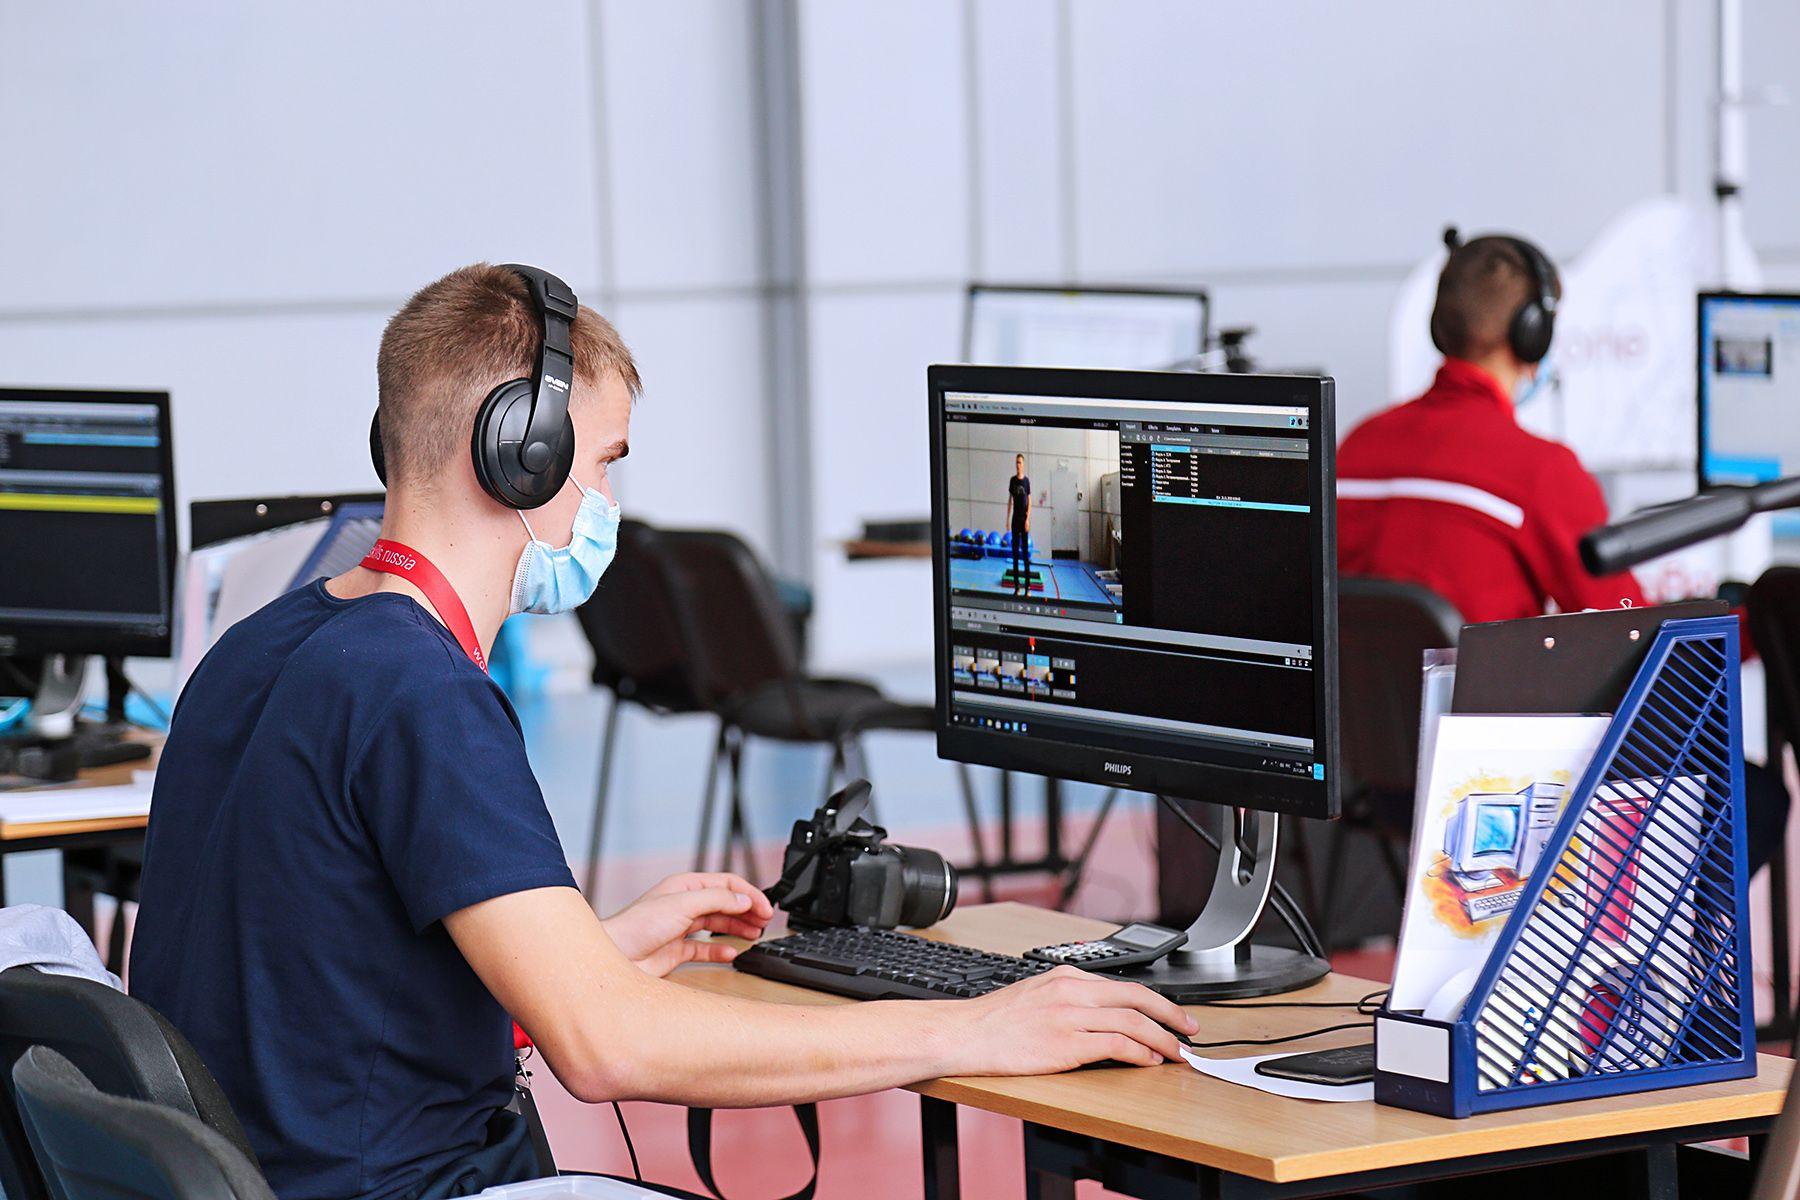 VI Открытый региональный чемпионат «Молодые профессионалы» (WorldSkills Russia) начал свою работу в КСД ВГУЭС по 3 компетенциям